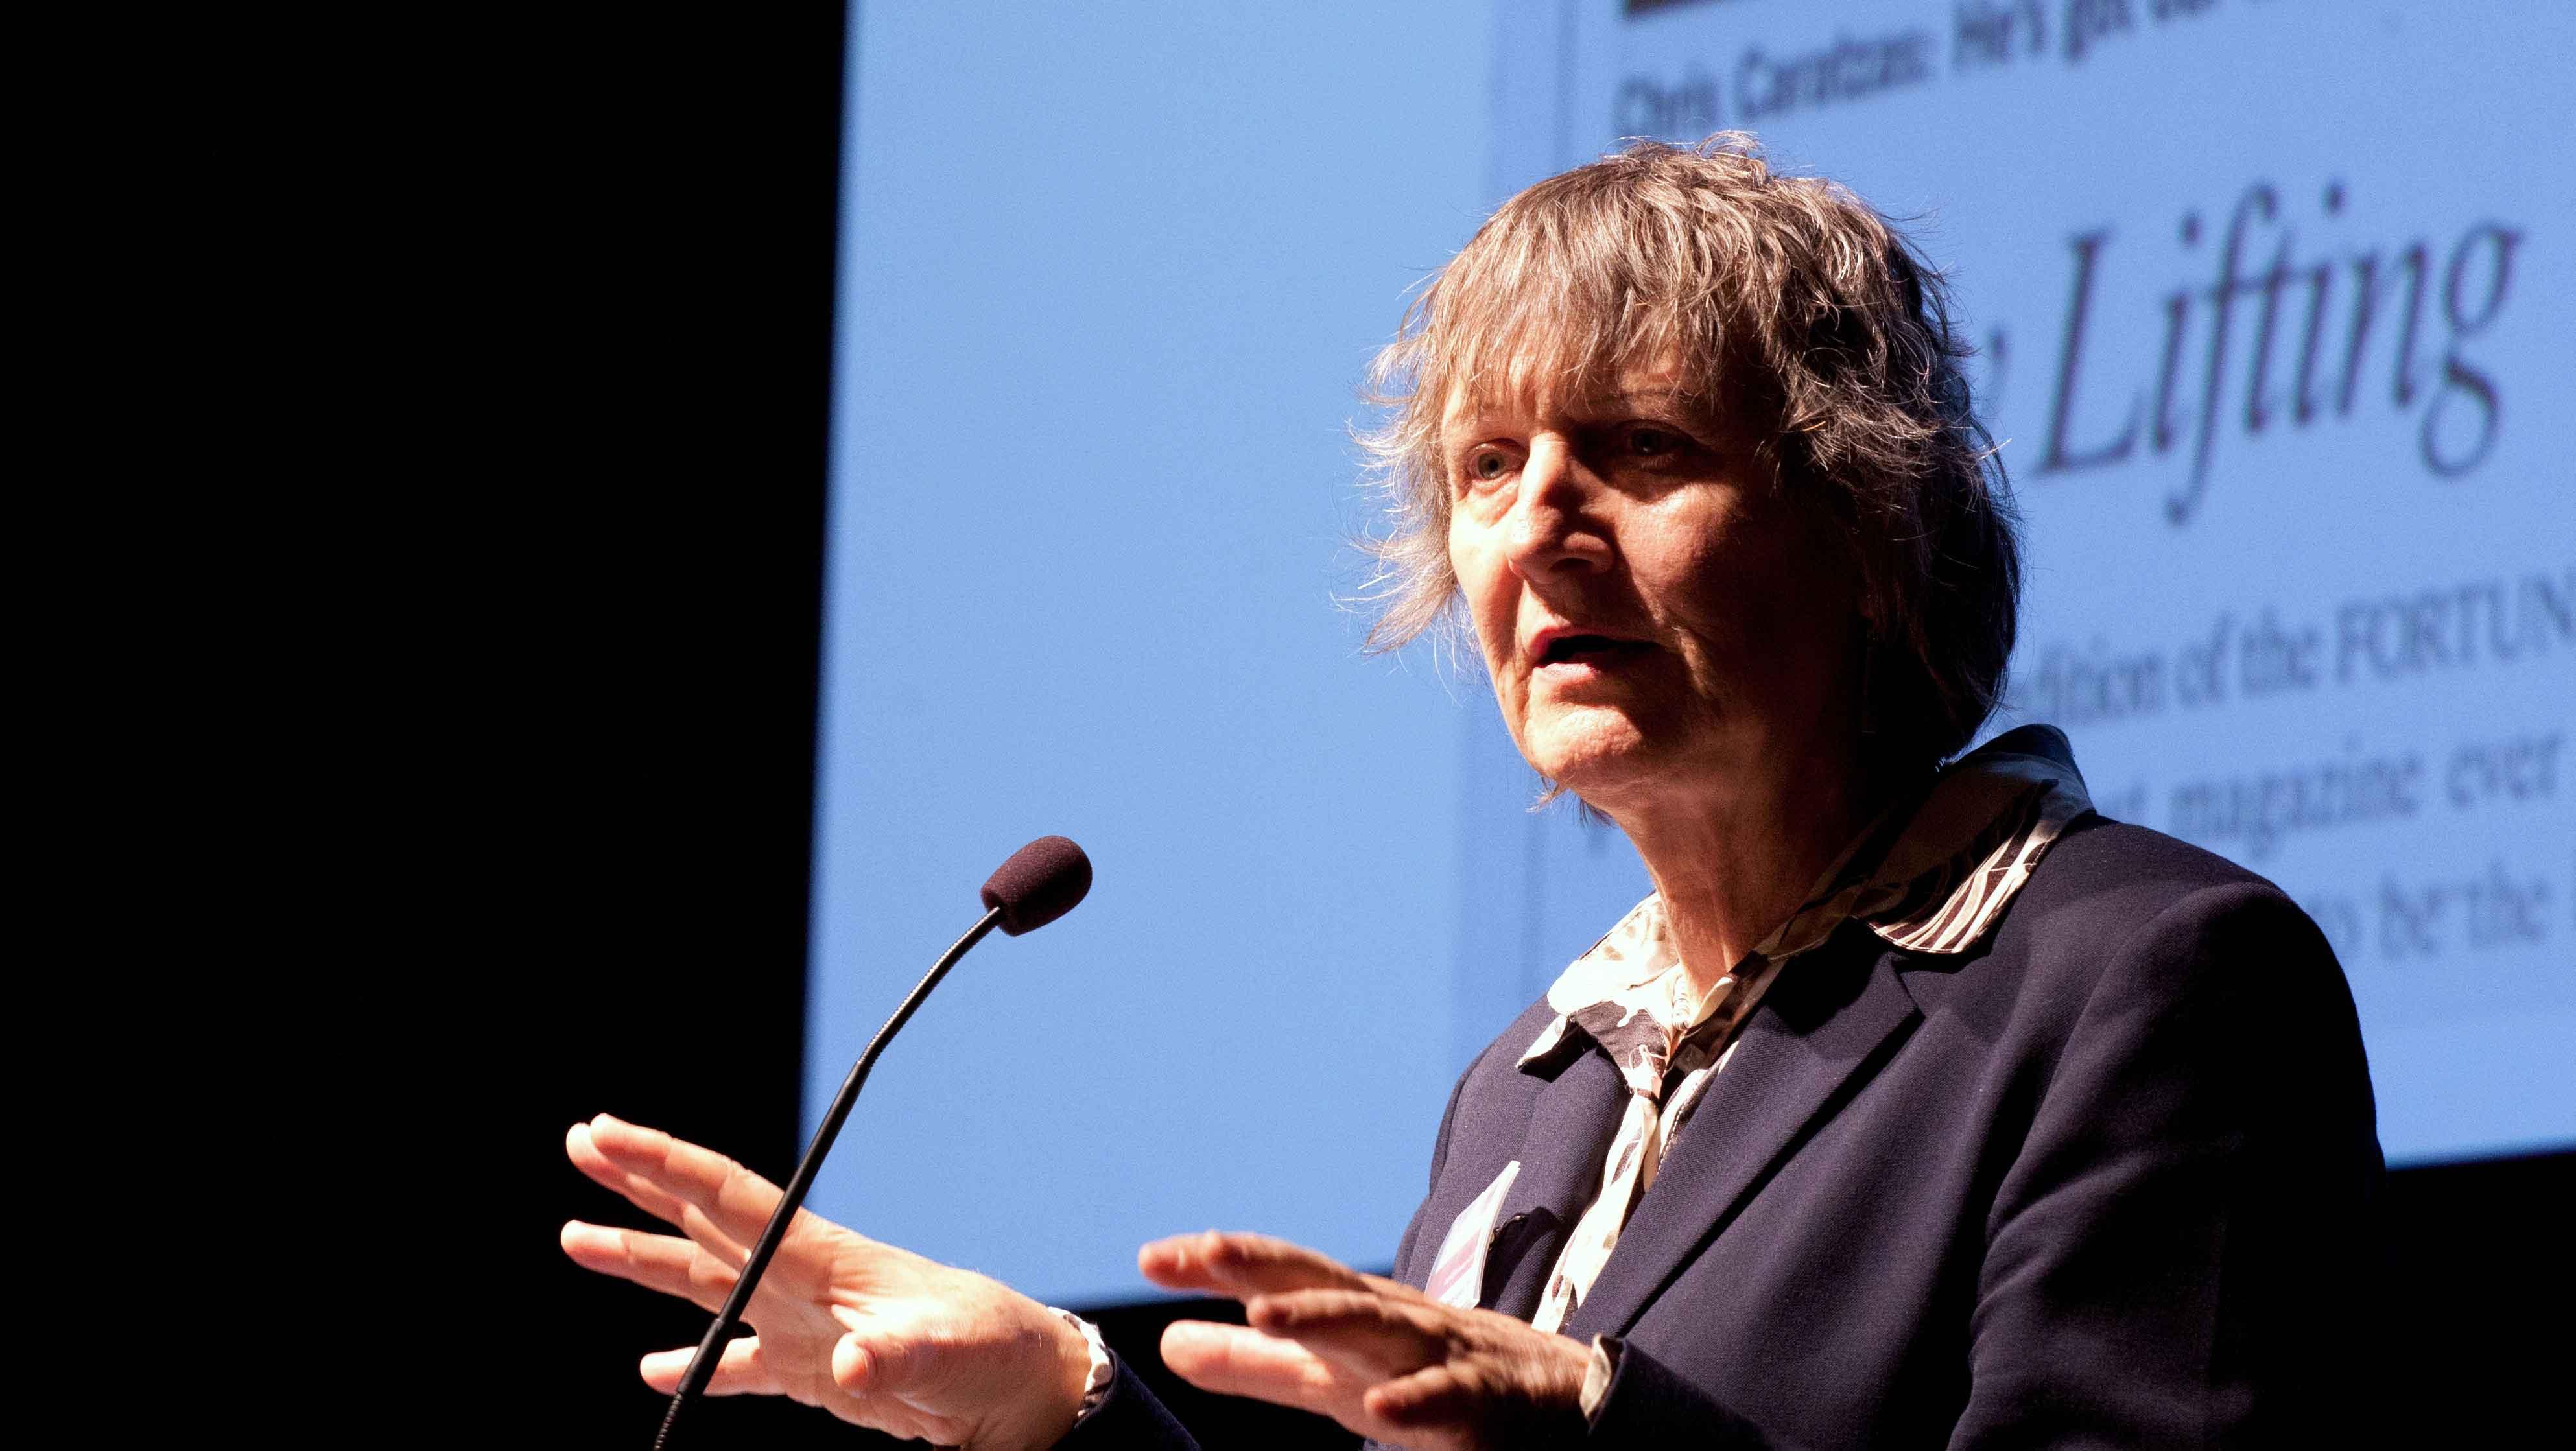 澳大利亚社会学家和性别平等运动家瑞文·康奈尔